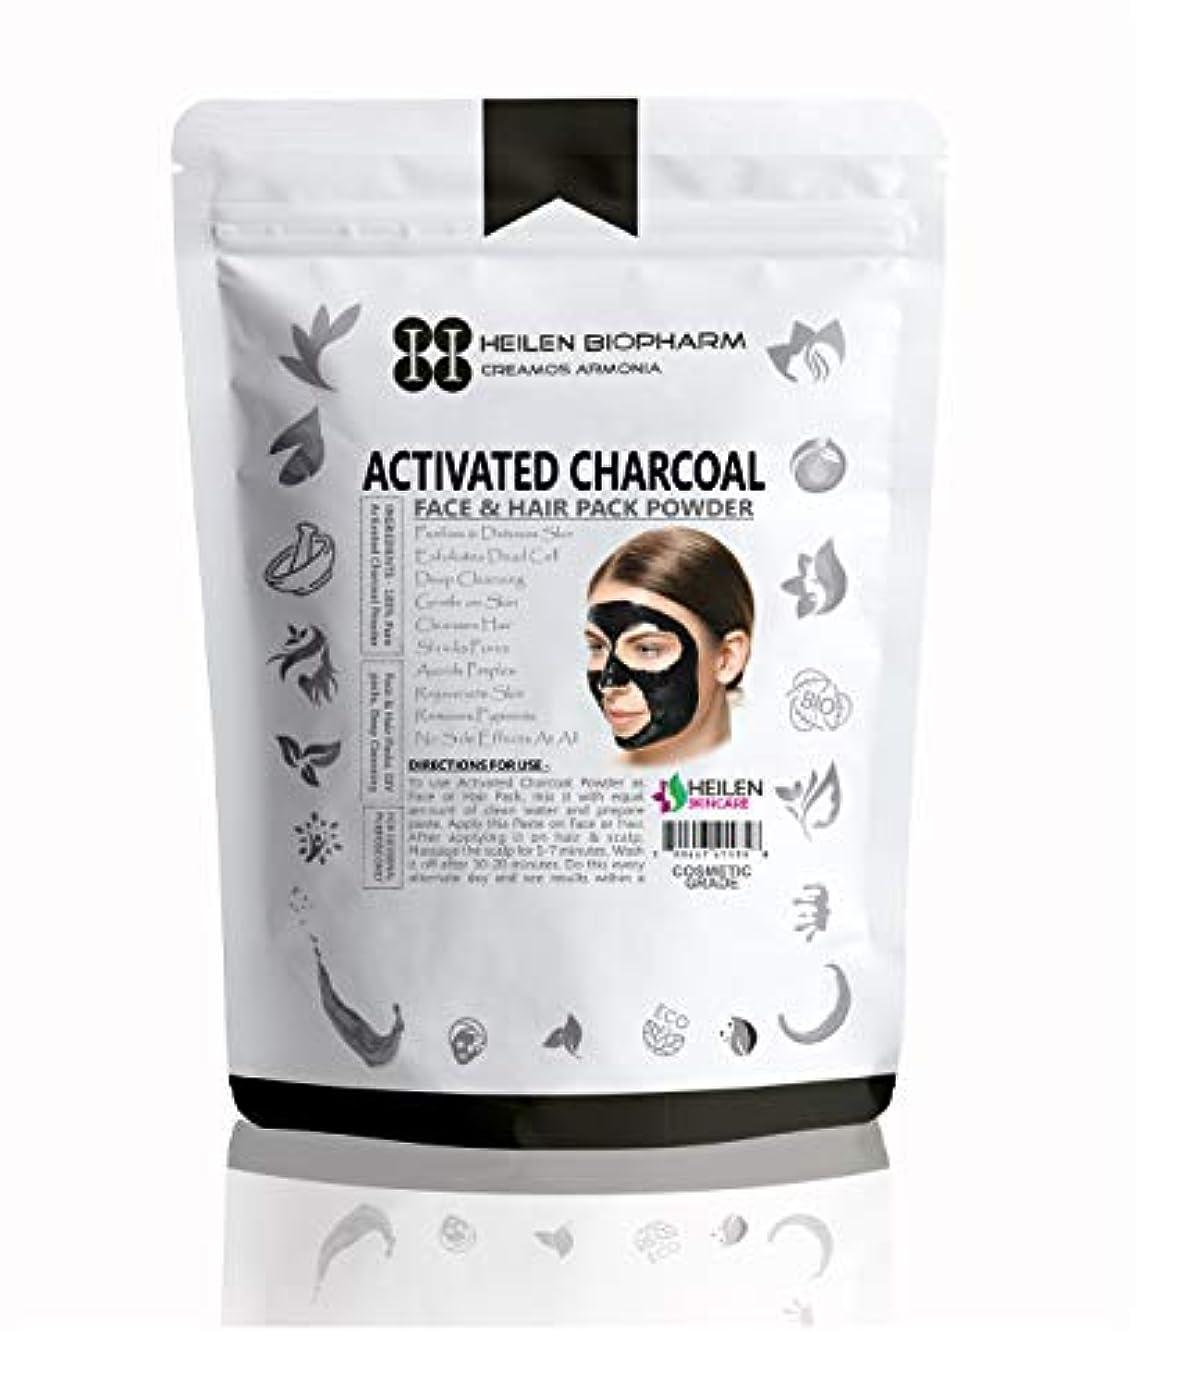 厳廃棄する咳活性化チャコールパウダー(フェイスパック用)(Activated Charcoal Powder for Face Pack) (200 gm / 7 oz / 0.44 lb)